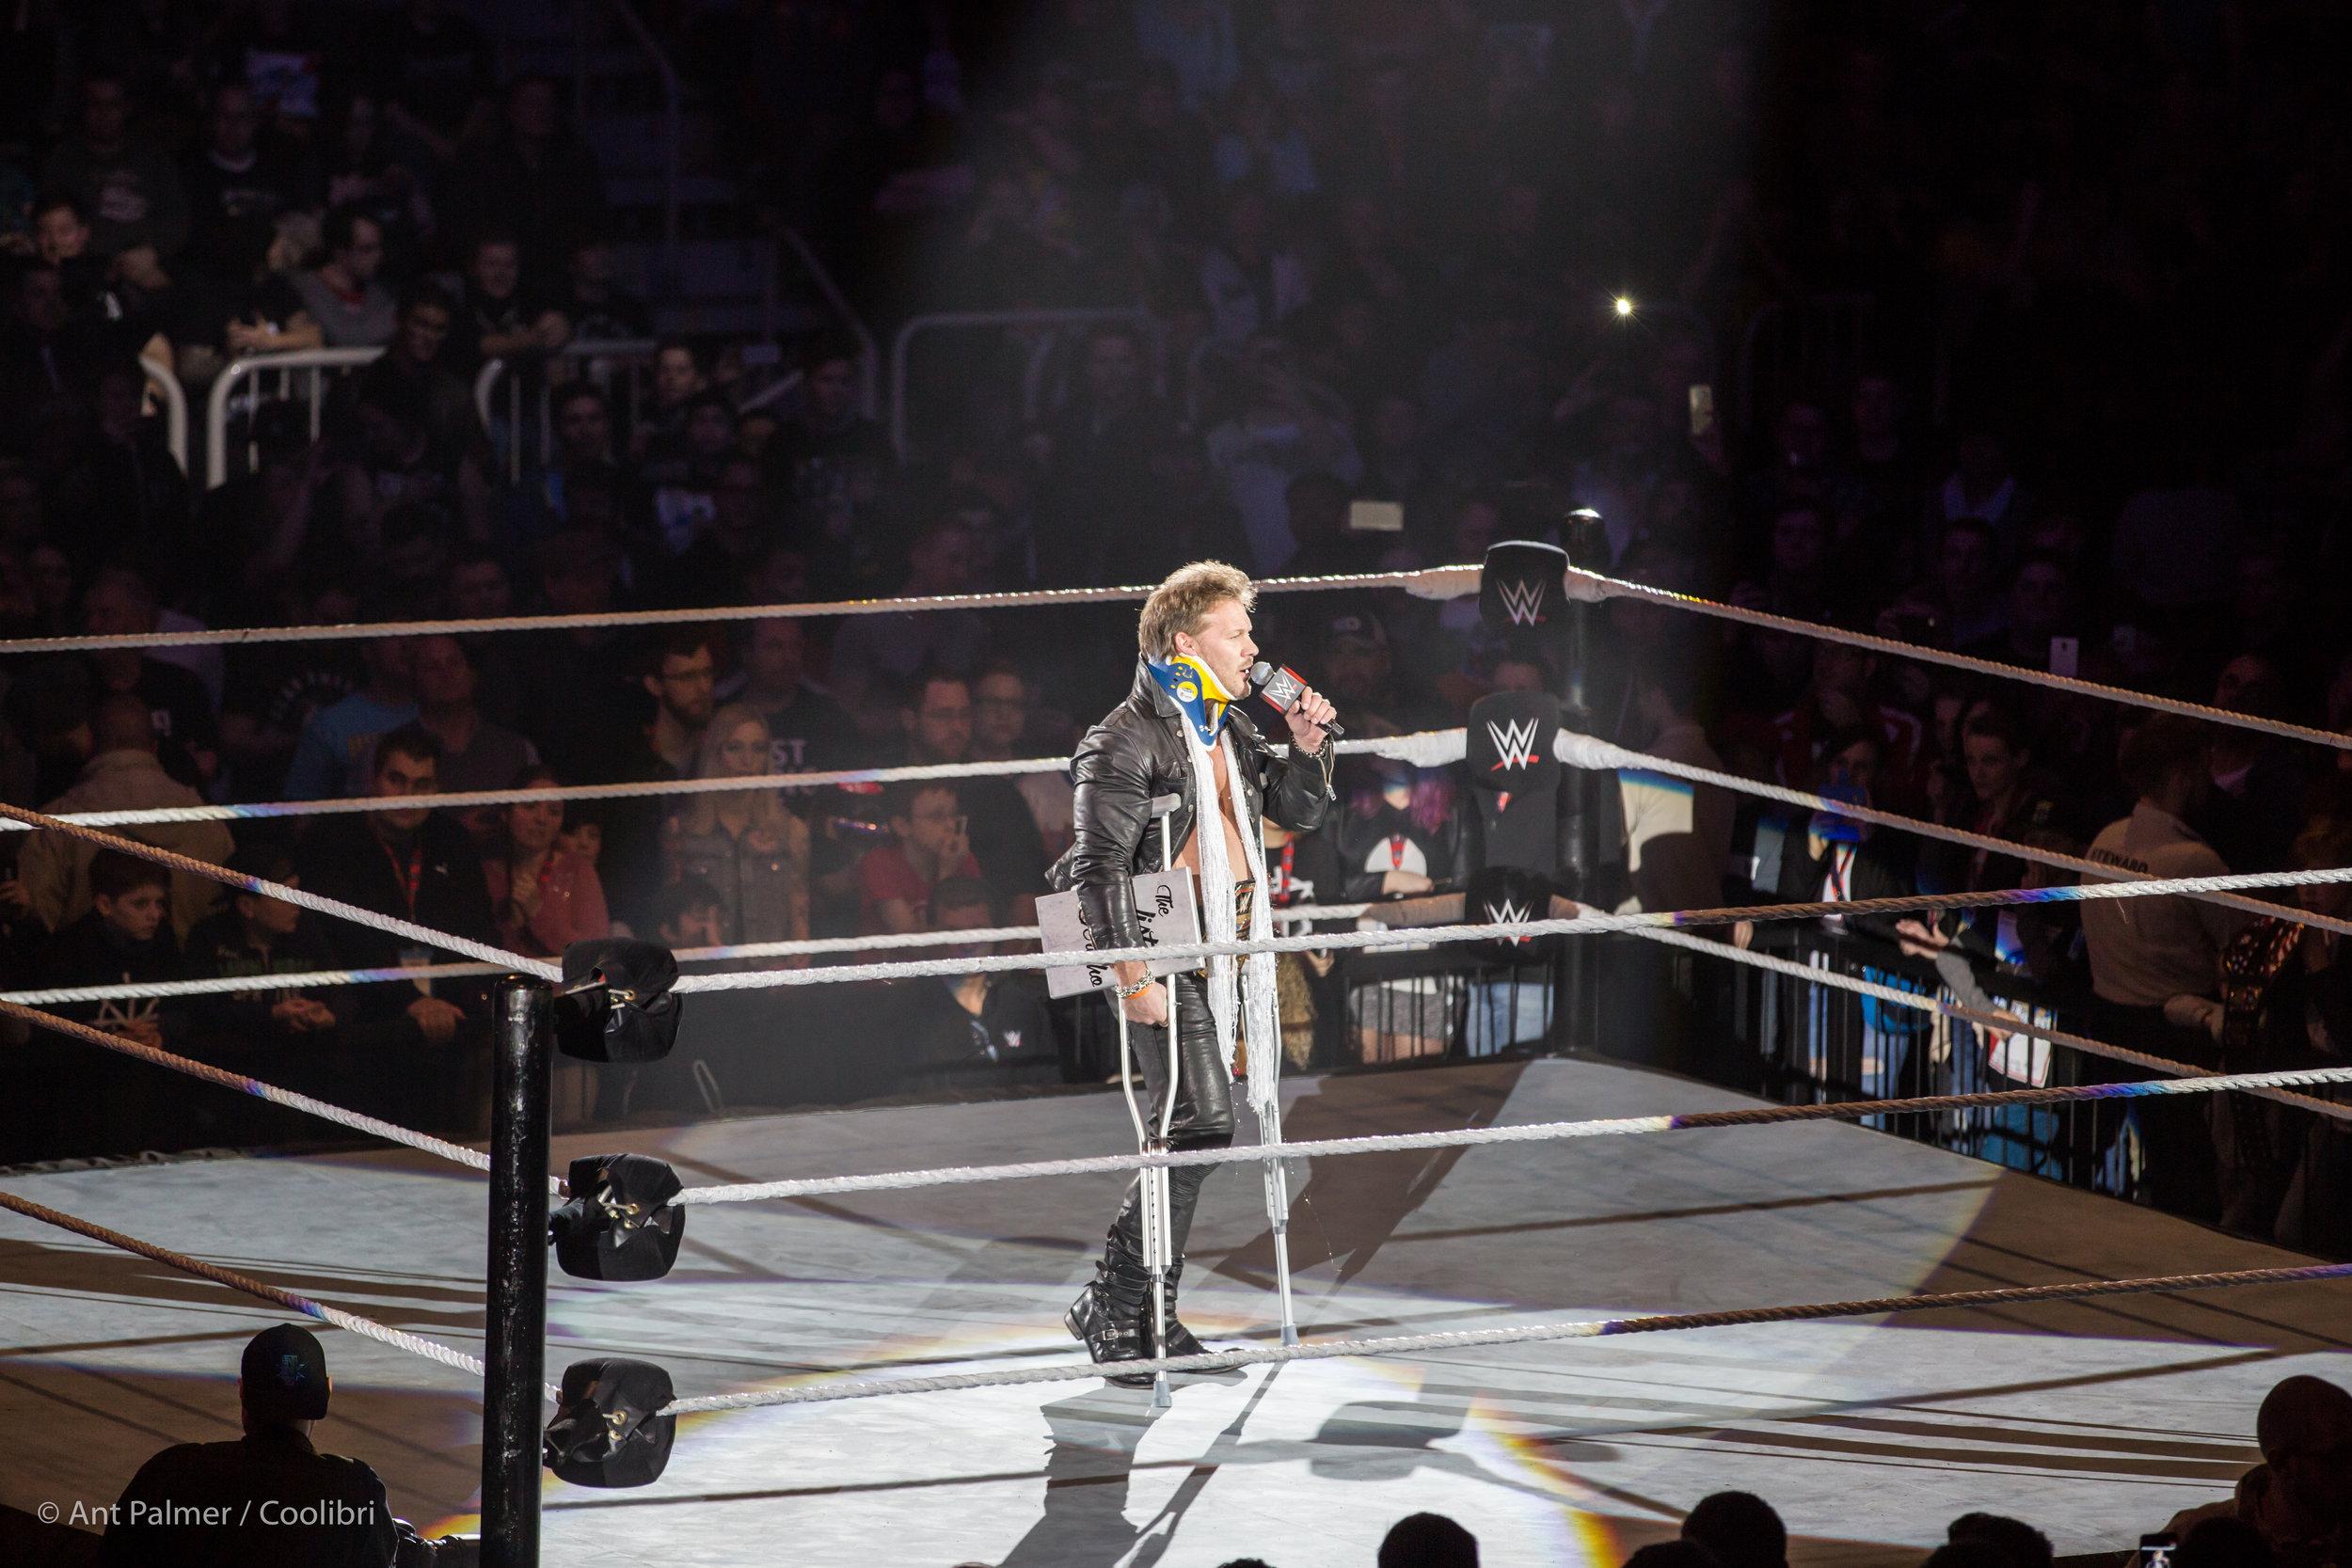 2017_02_22_WWE_DUS-23.jpg